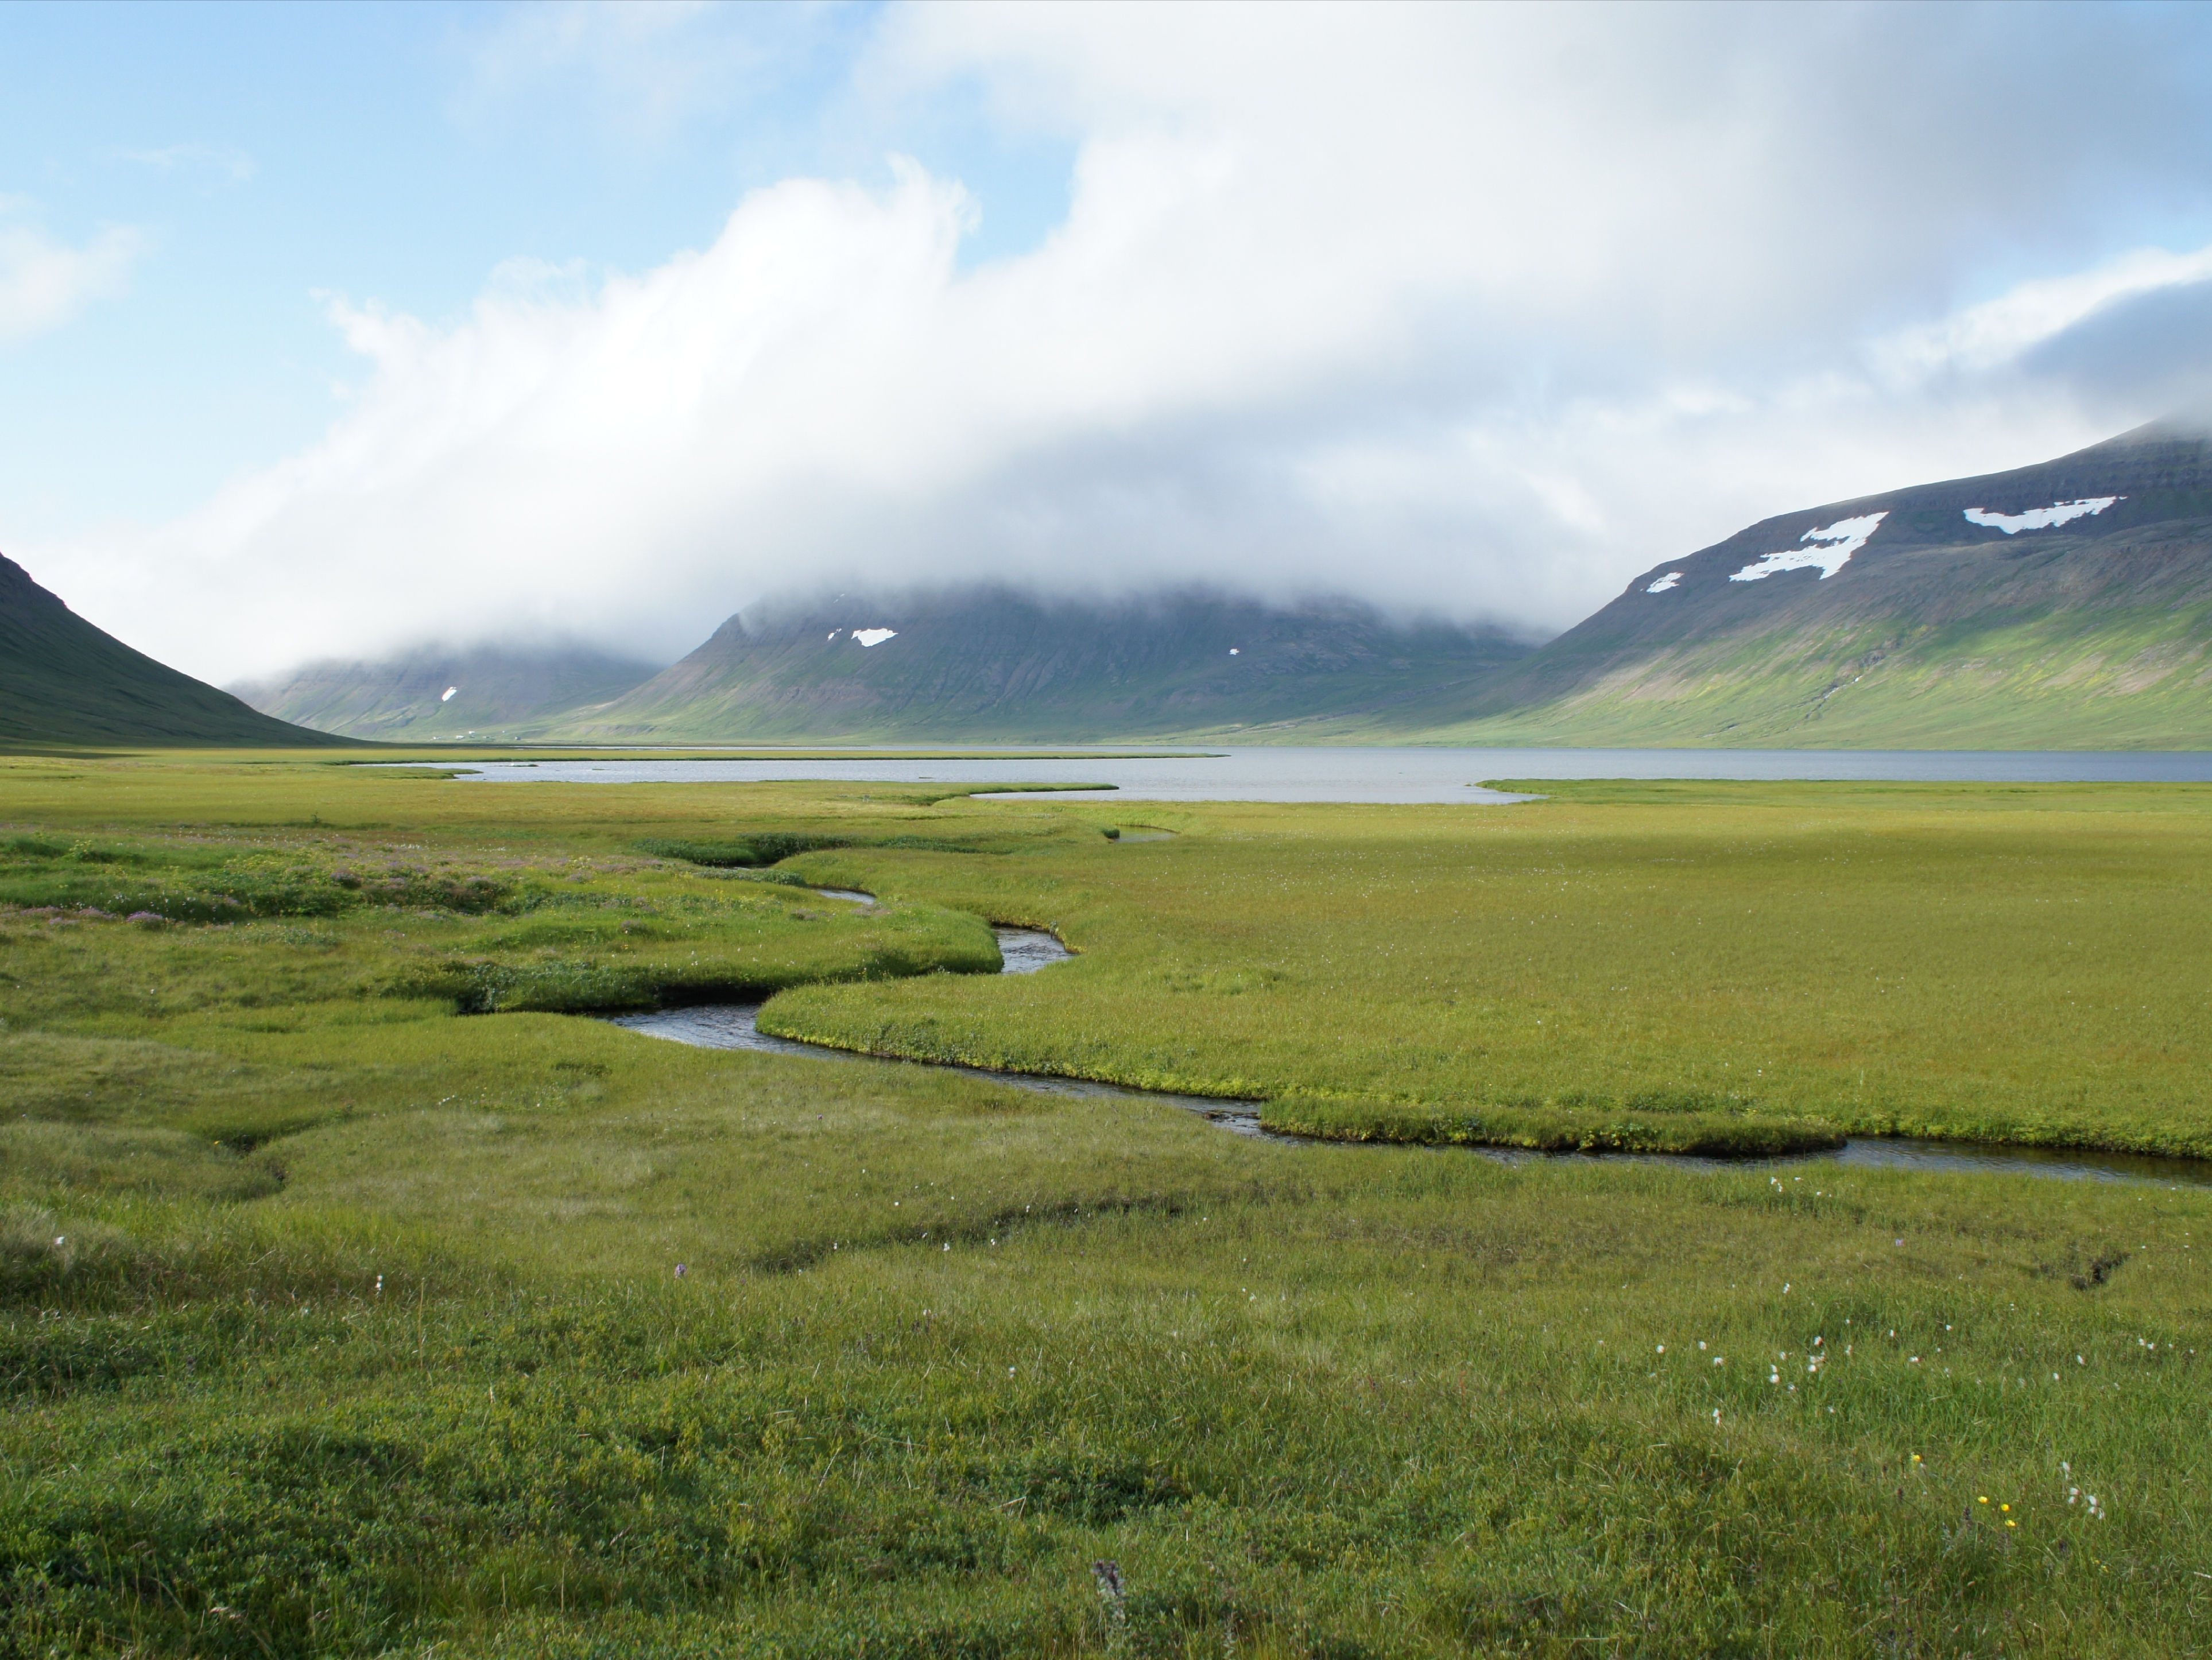 один день переводчика в местности Хорнстрандир, Исландия, фото 53